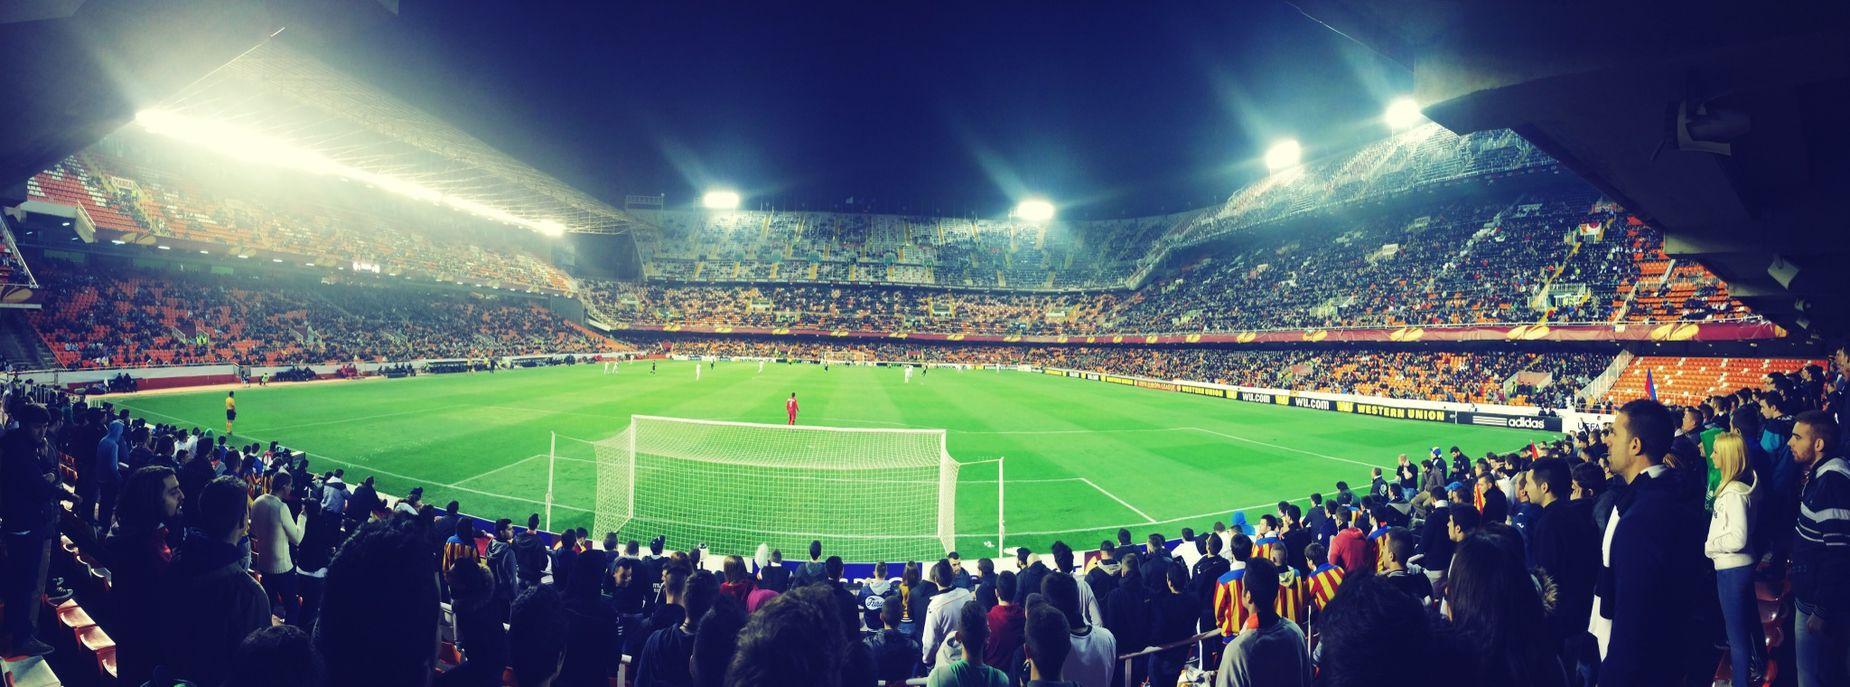 Fotos que siempre gustan hacer , noche de fútbol ?☺️